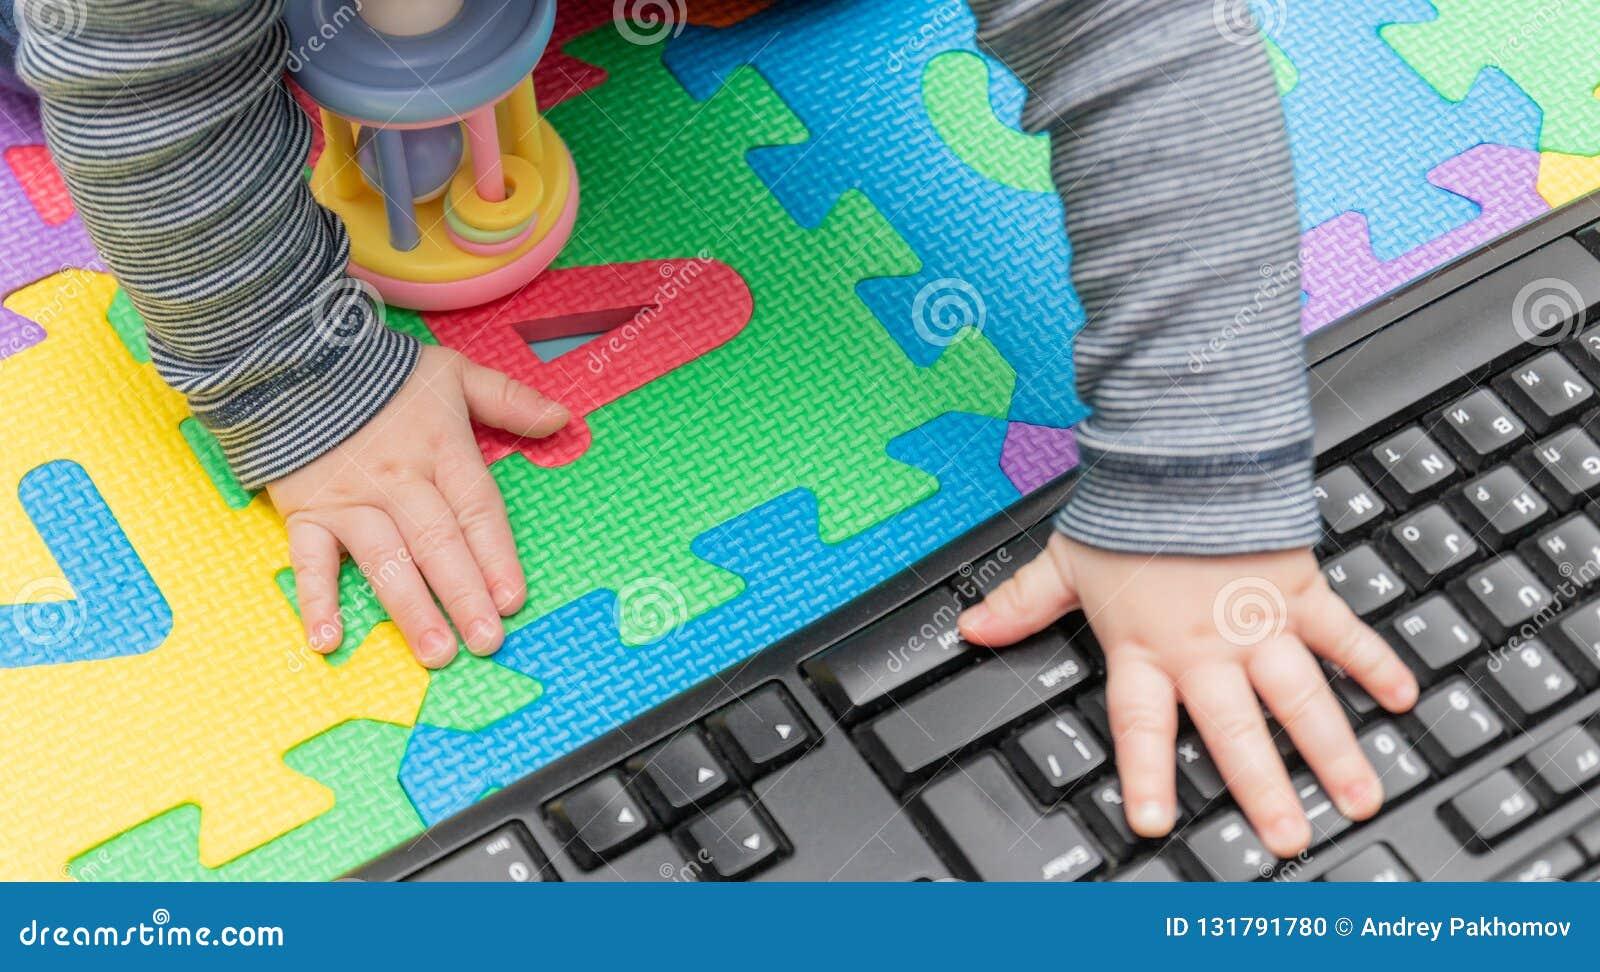 De handen van weinig baby, op een computermuis en een toetsenbord - kindontwikkeling, die vertrouwd met technologie sinds hun vro